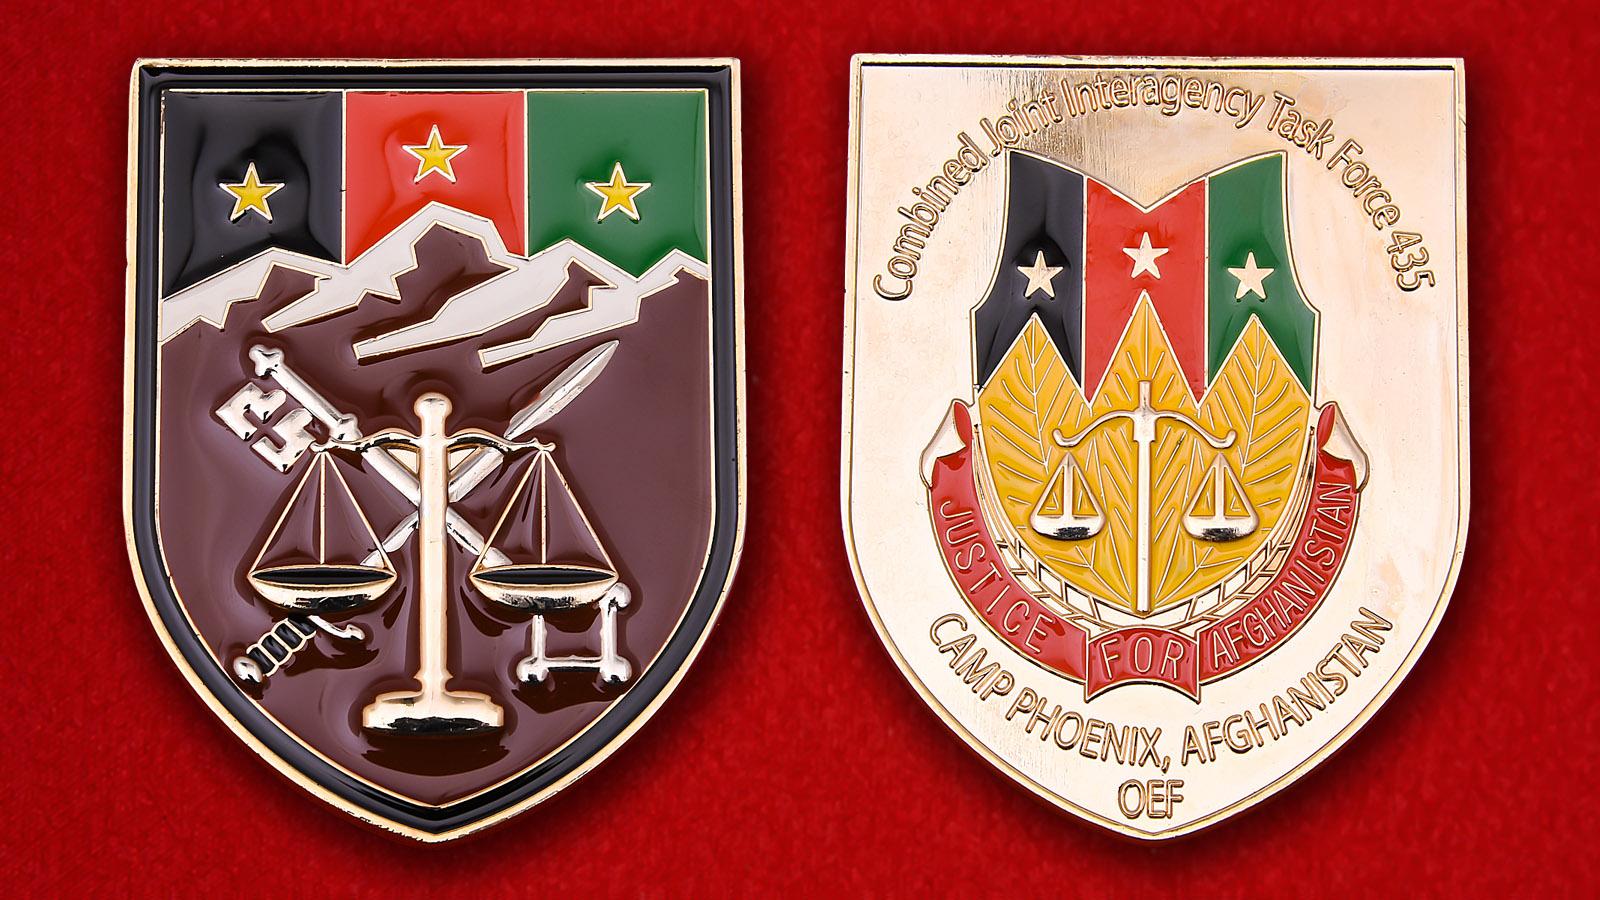 """Челлендж коин """"Объединенная межведомственная 435-я оперативная группа, Афганистан"""""""